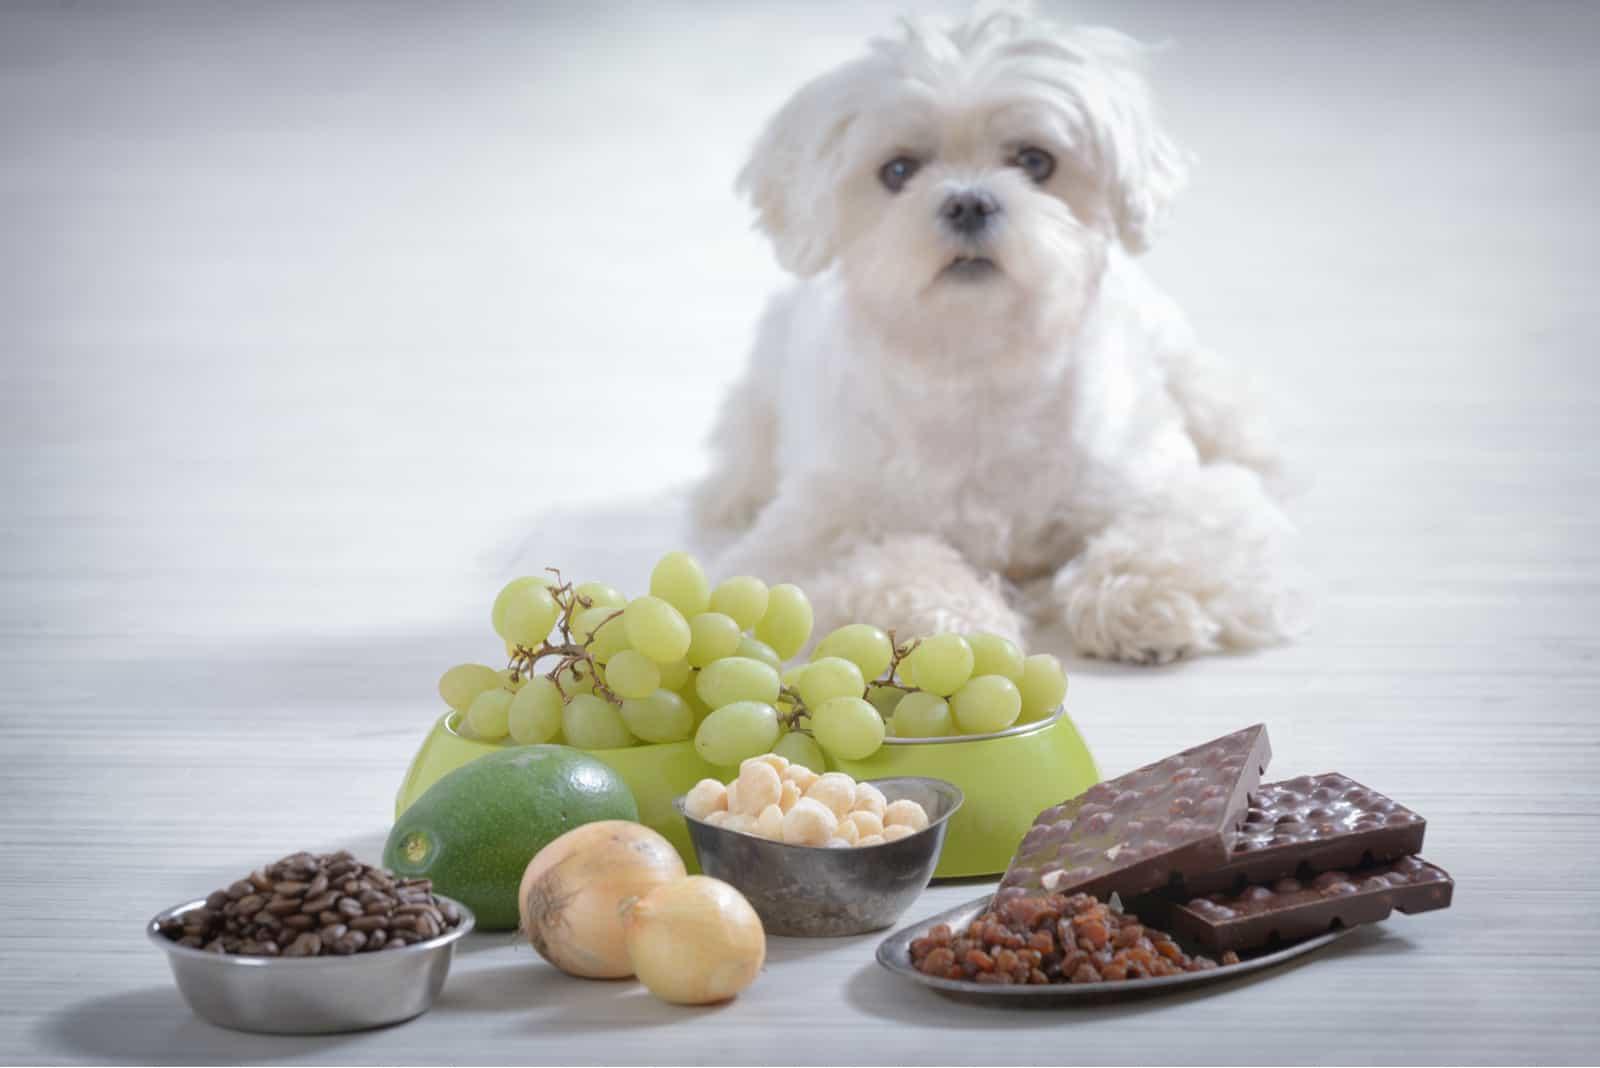 ein weißer Pudel neben Lebensmitteln, die Hunden verboten sind